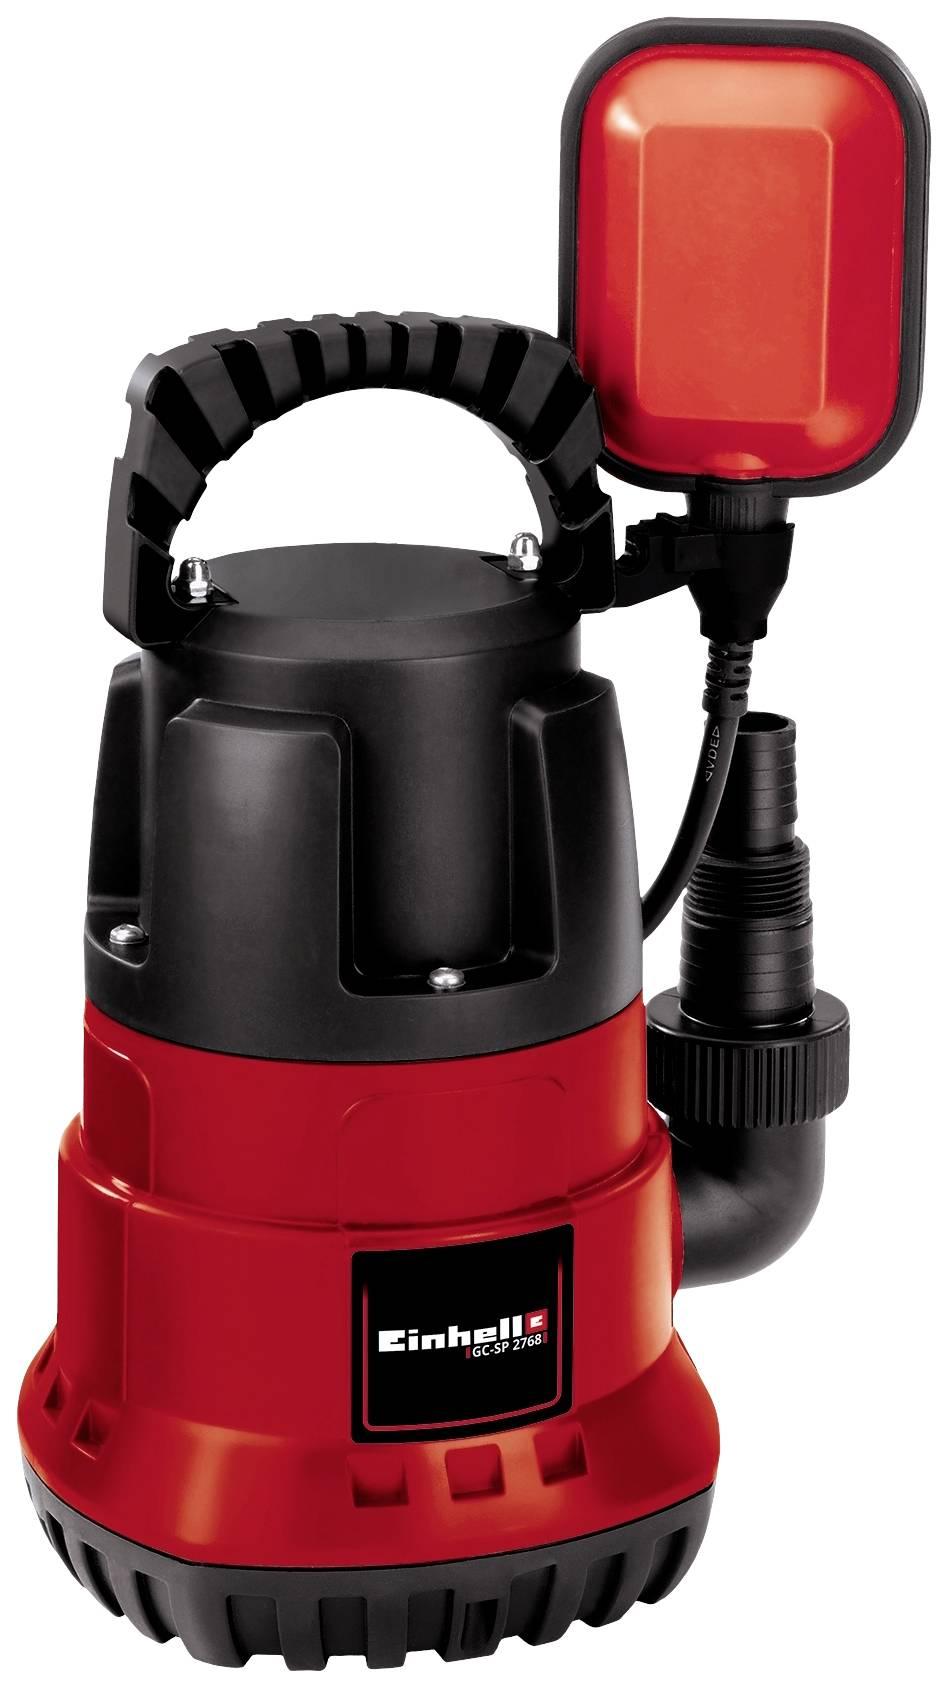 Ponorné čerpadlo GH-SP 2768 Einhell, 4170442, 270 W